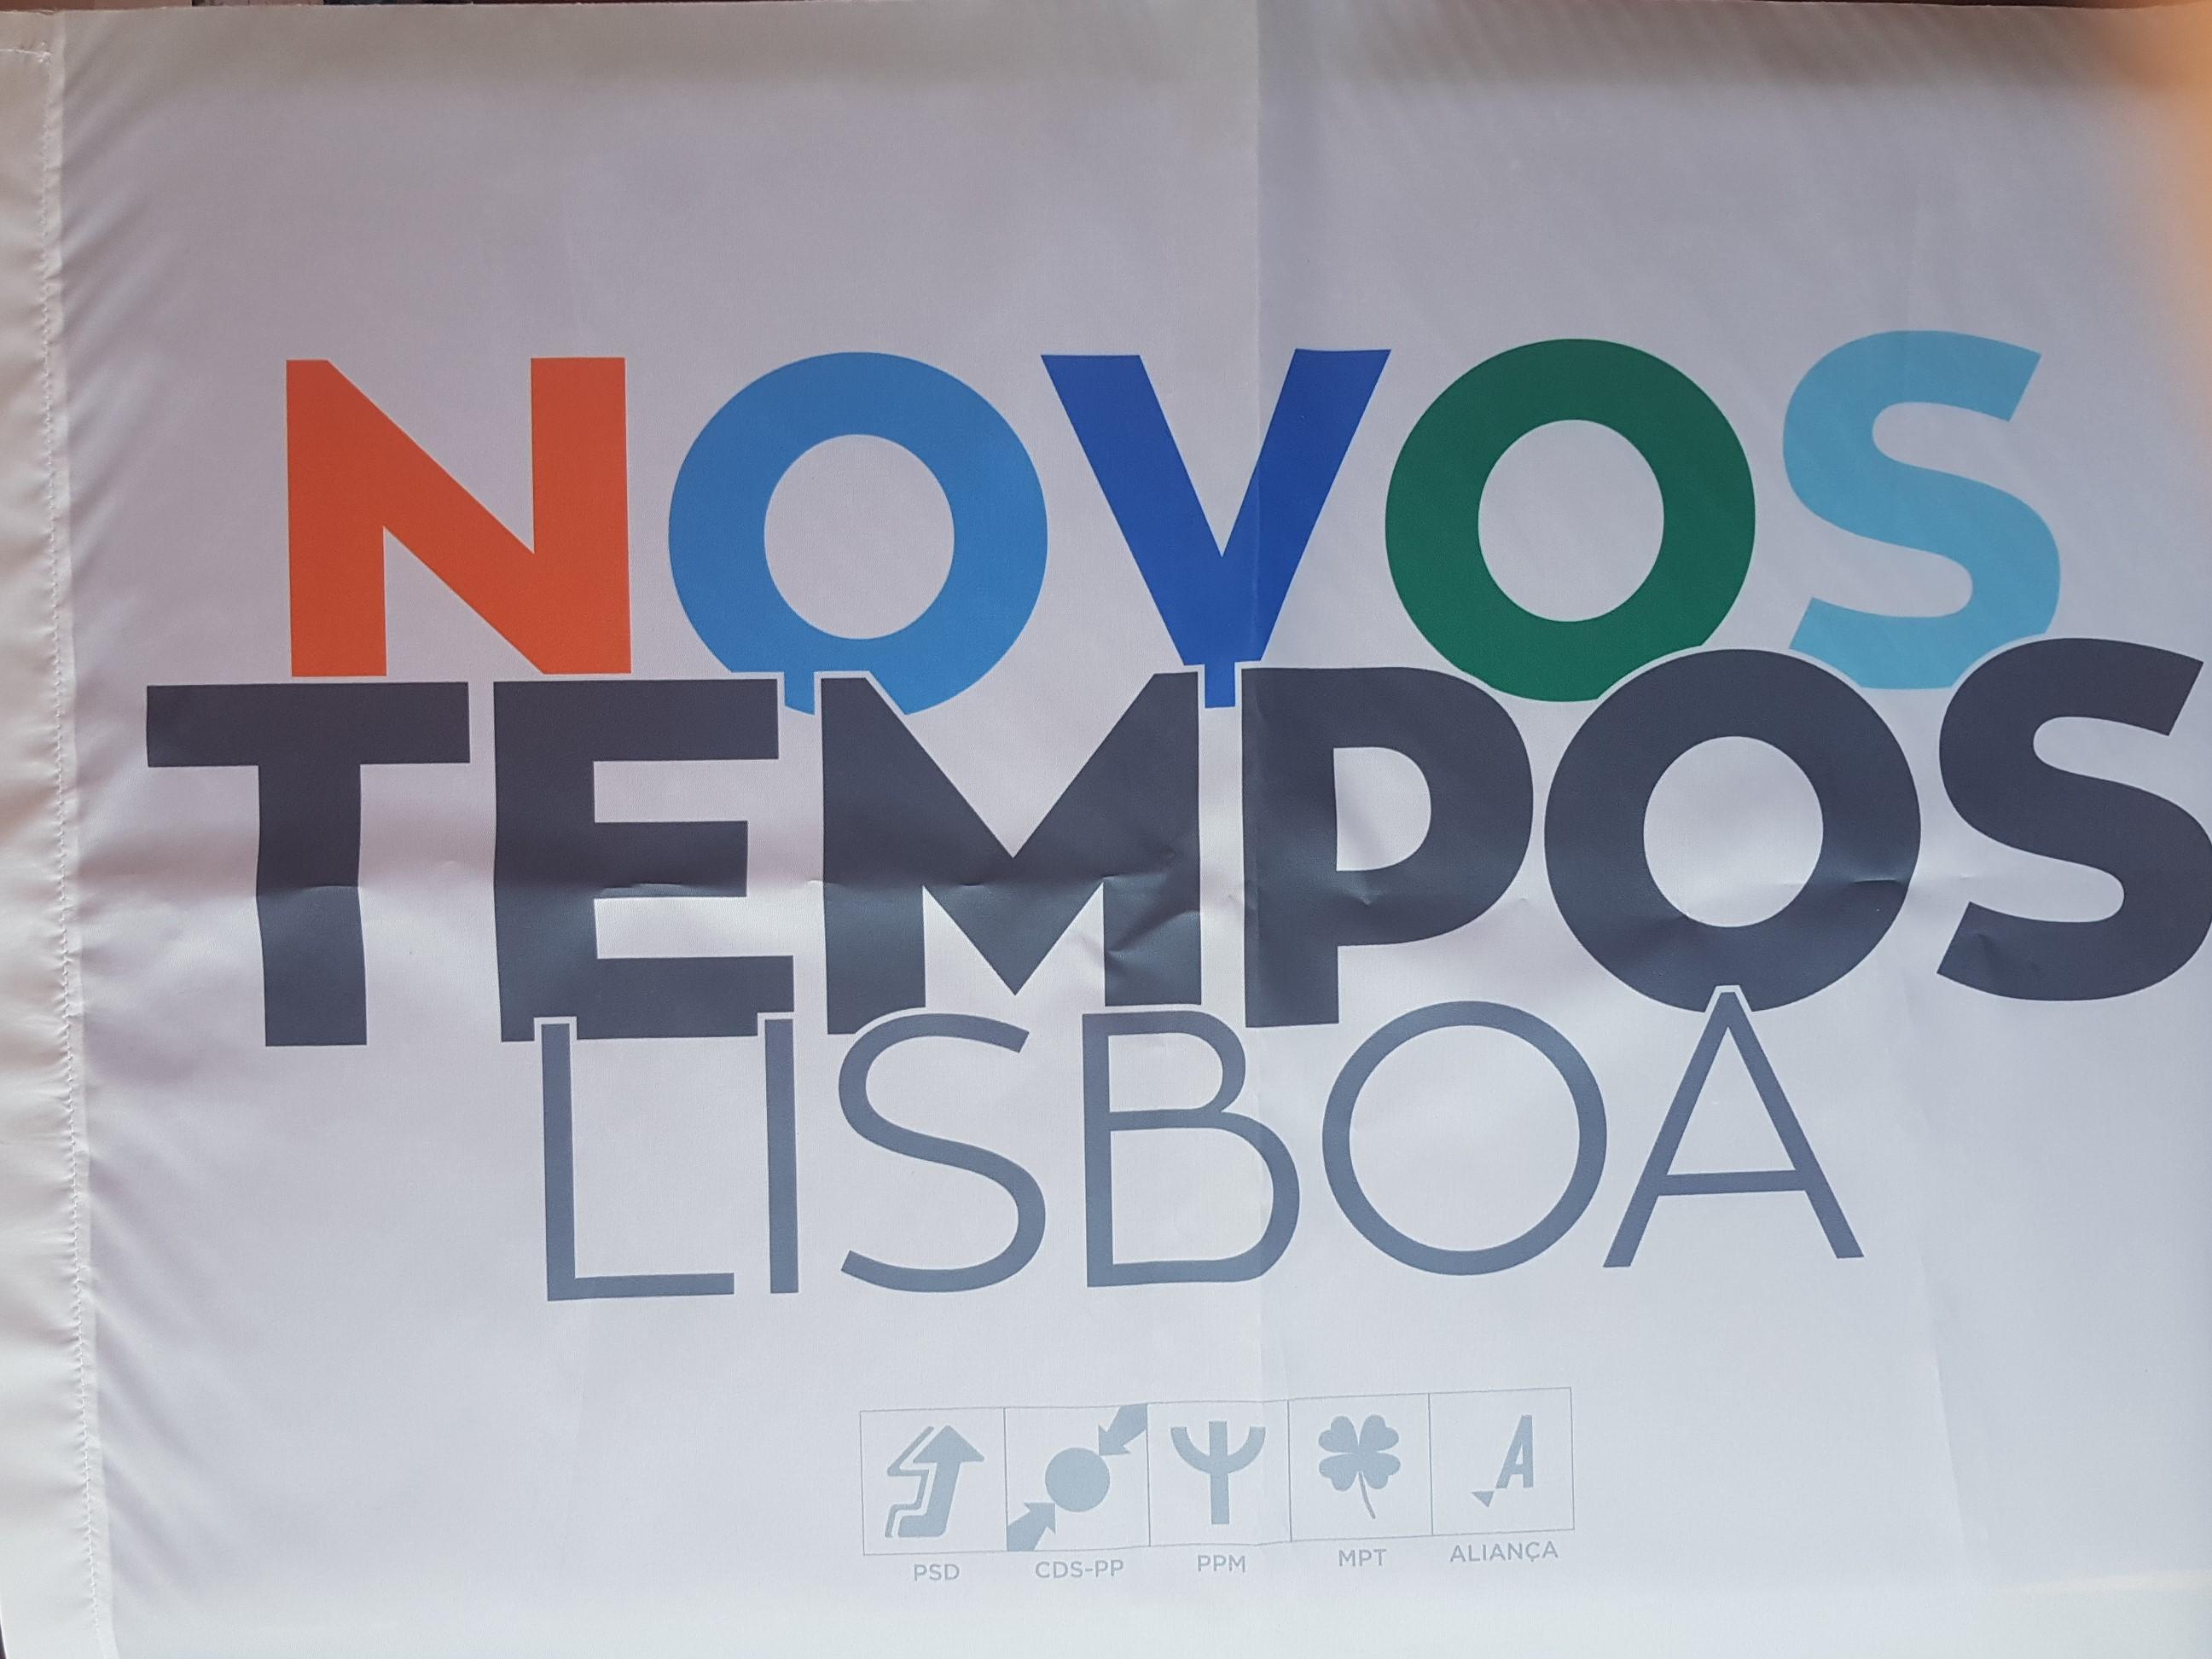 PSD_2021_Lisboa_24